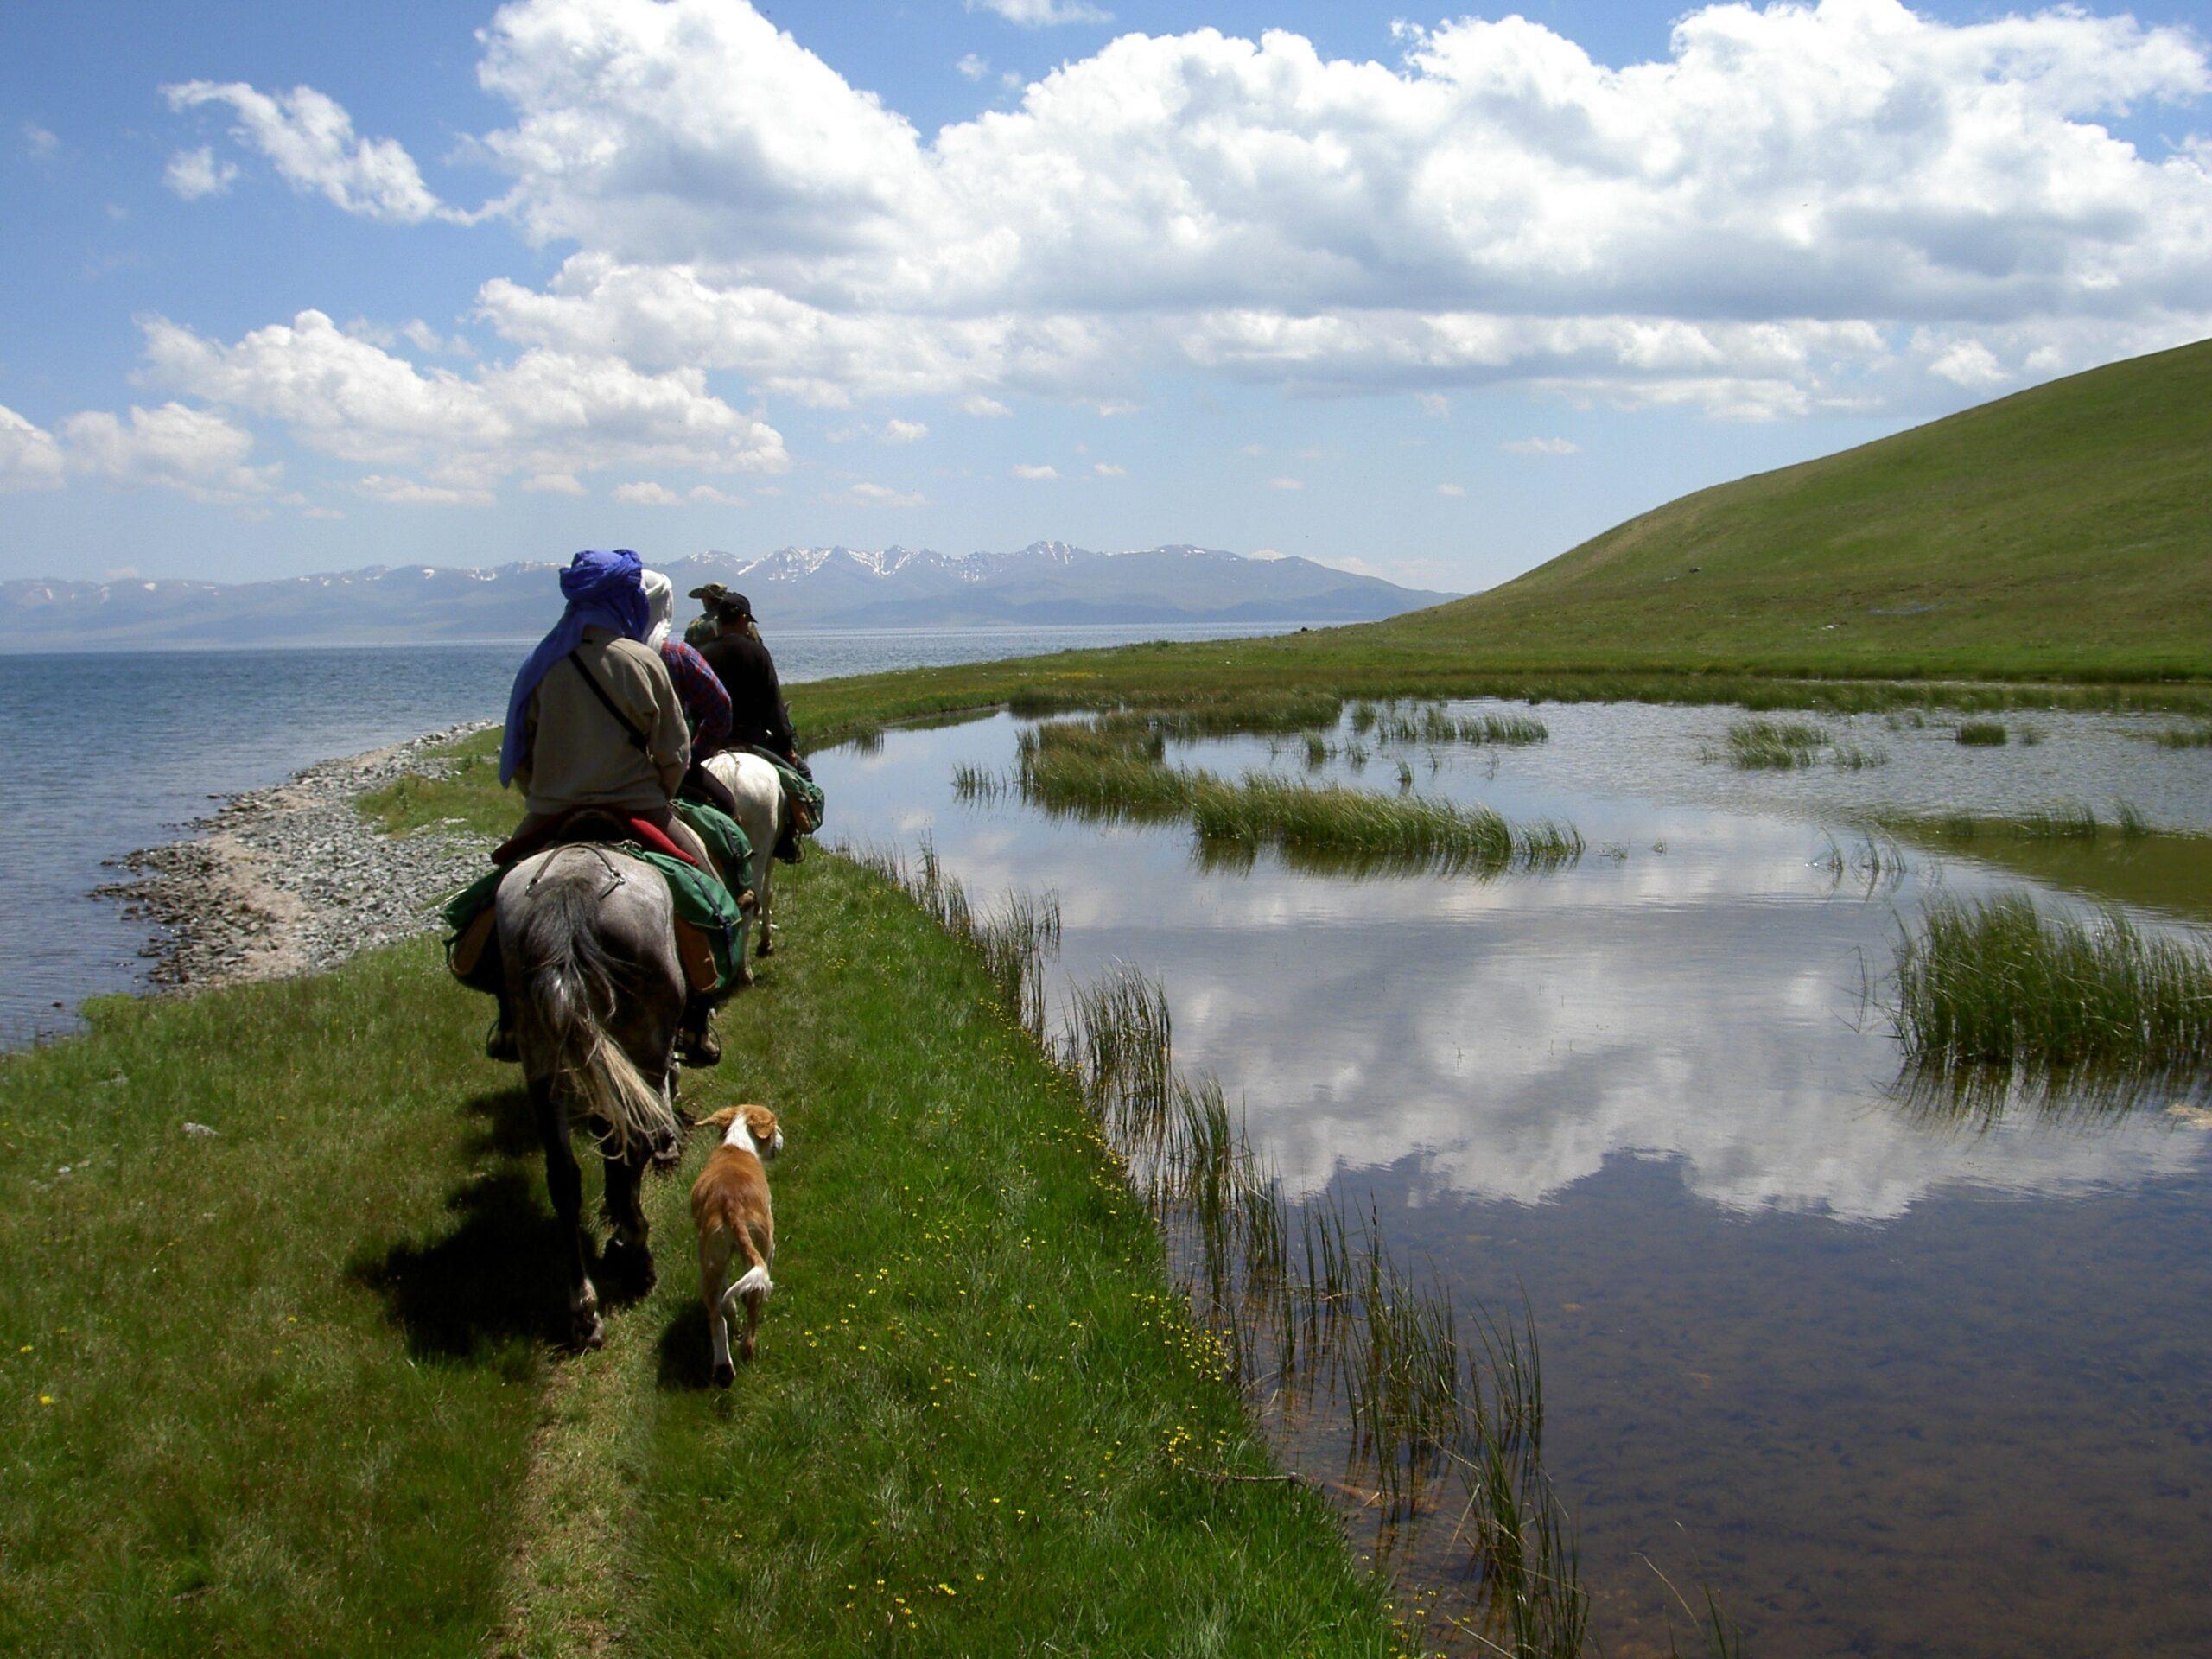 Paardrijvakantie in Kyrgizië - Vakantie te paard / Reisbureau Perlan